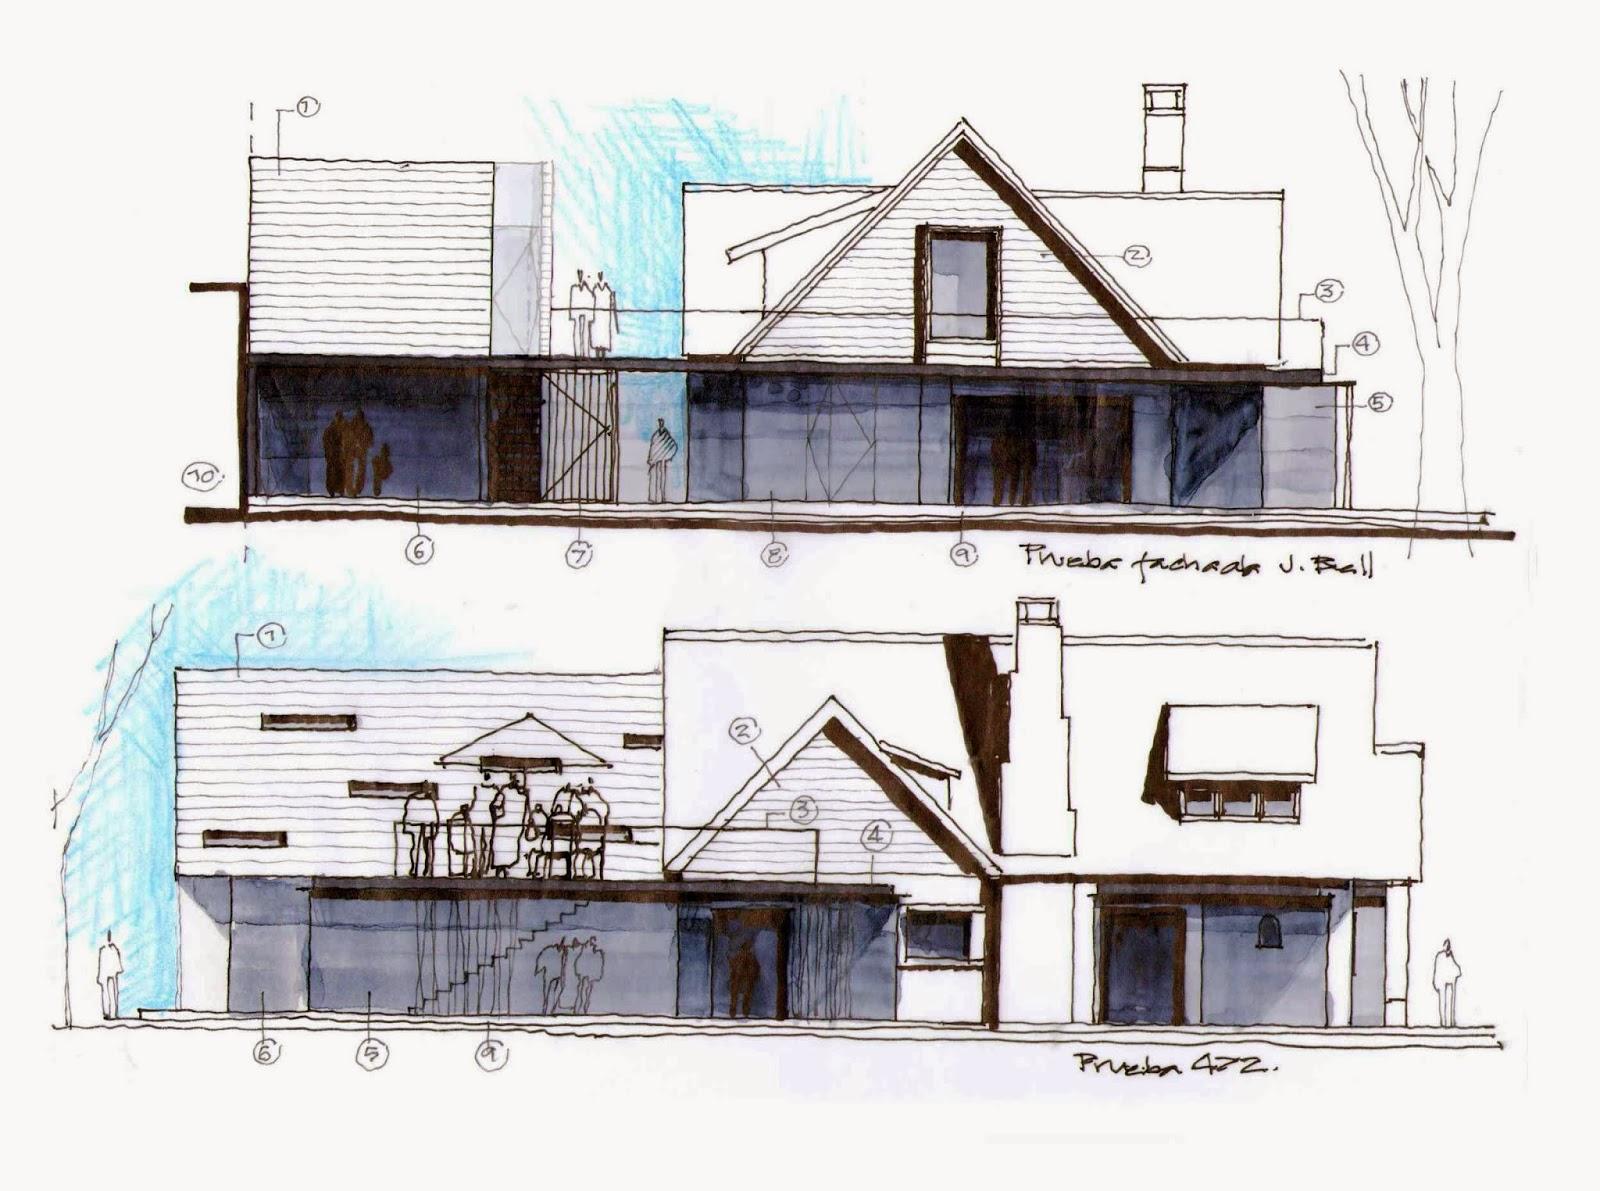 Dibujos de arquitecto architect drawings 130819 locales for Estudiar diseno de interiores en argentina